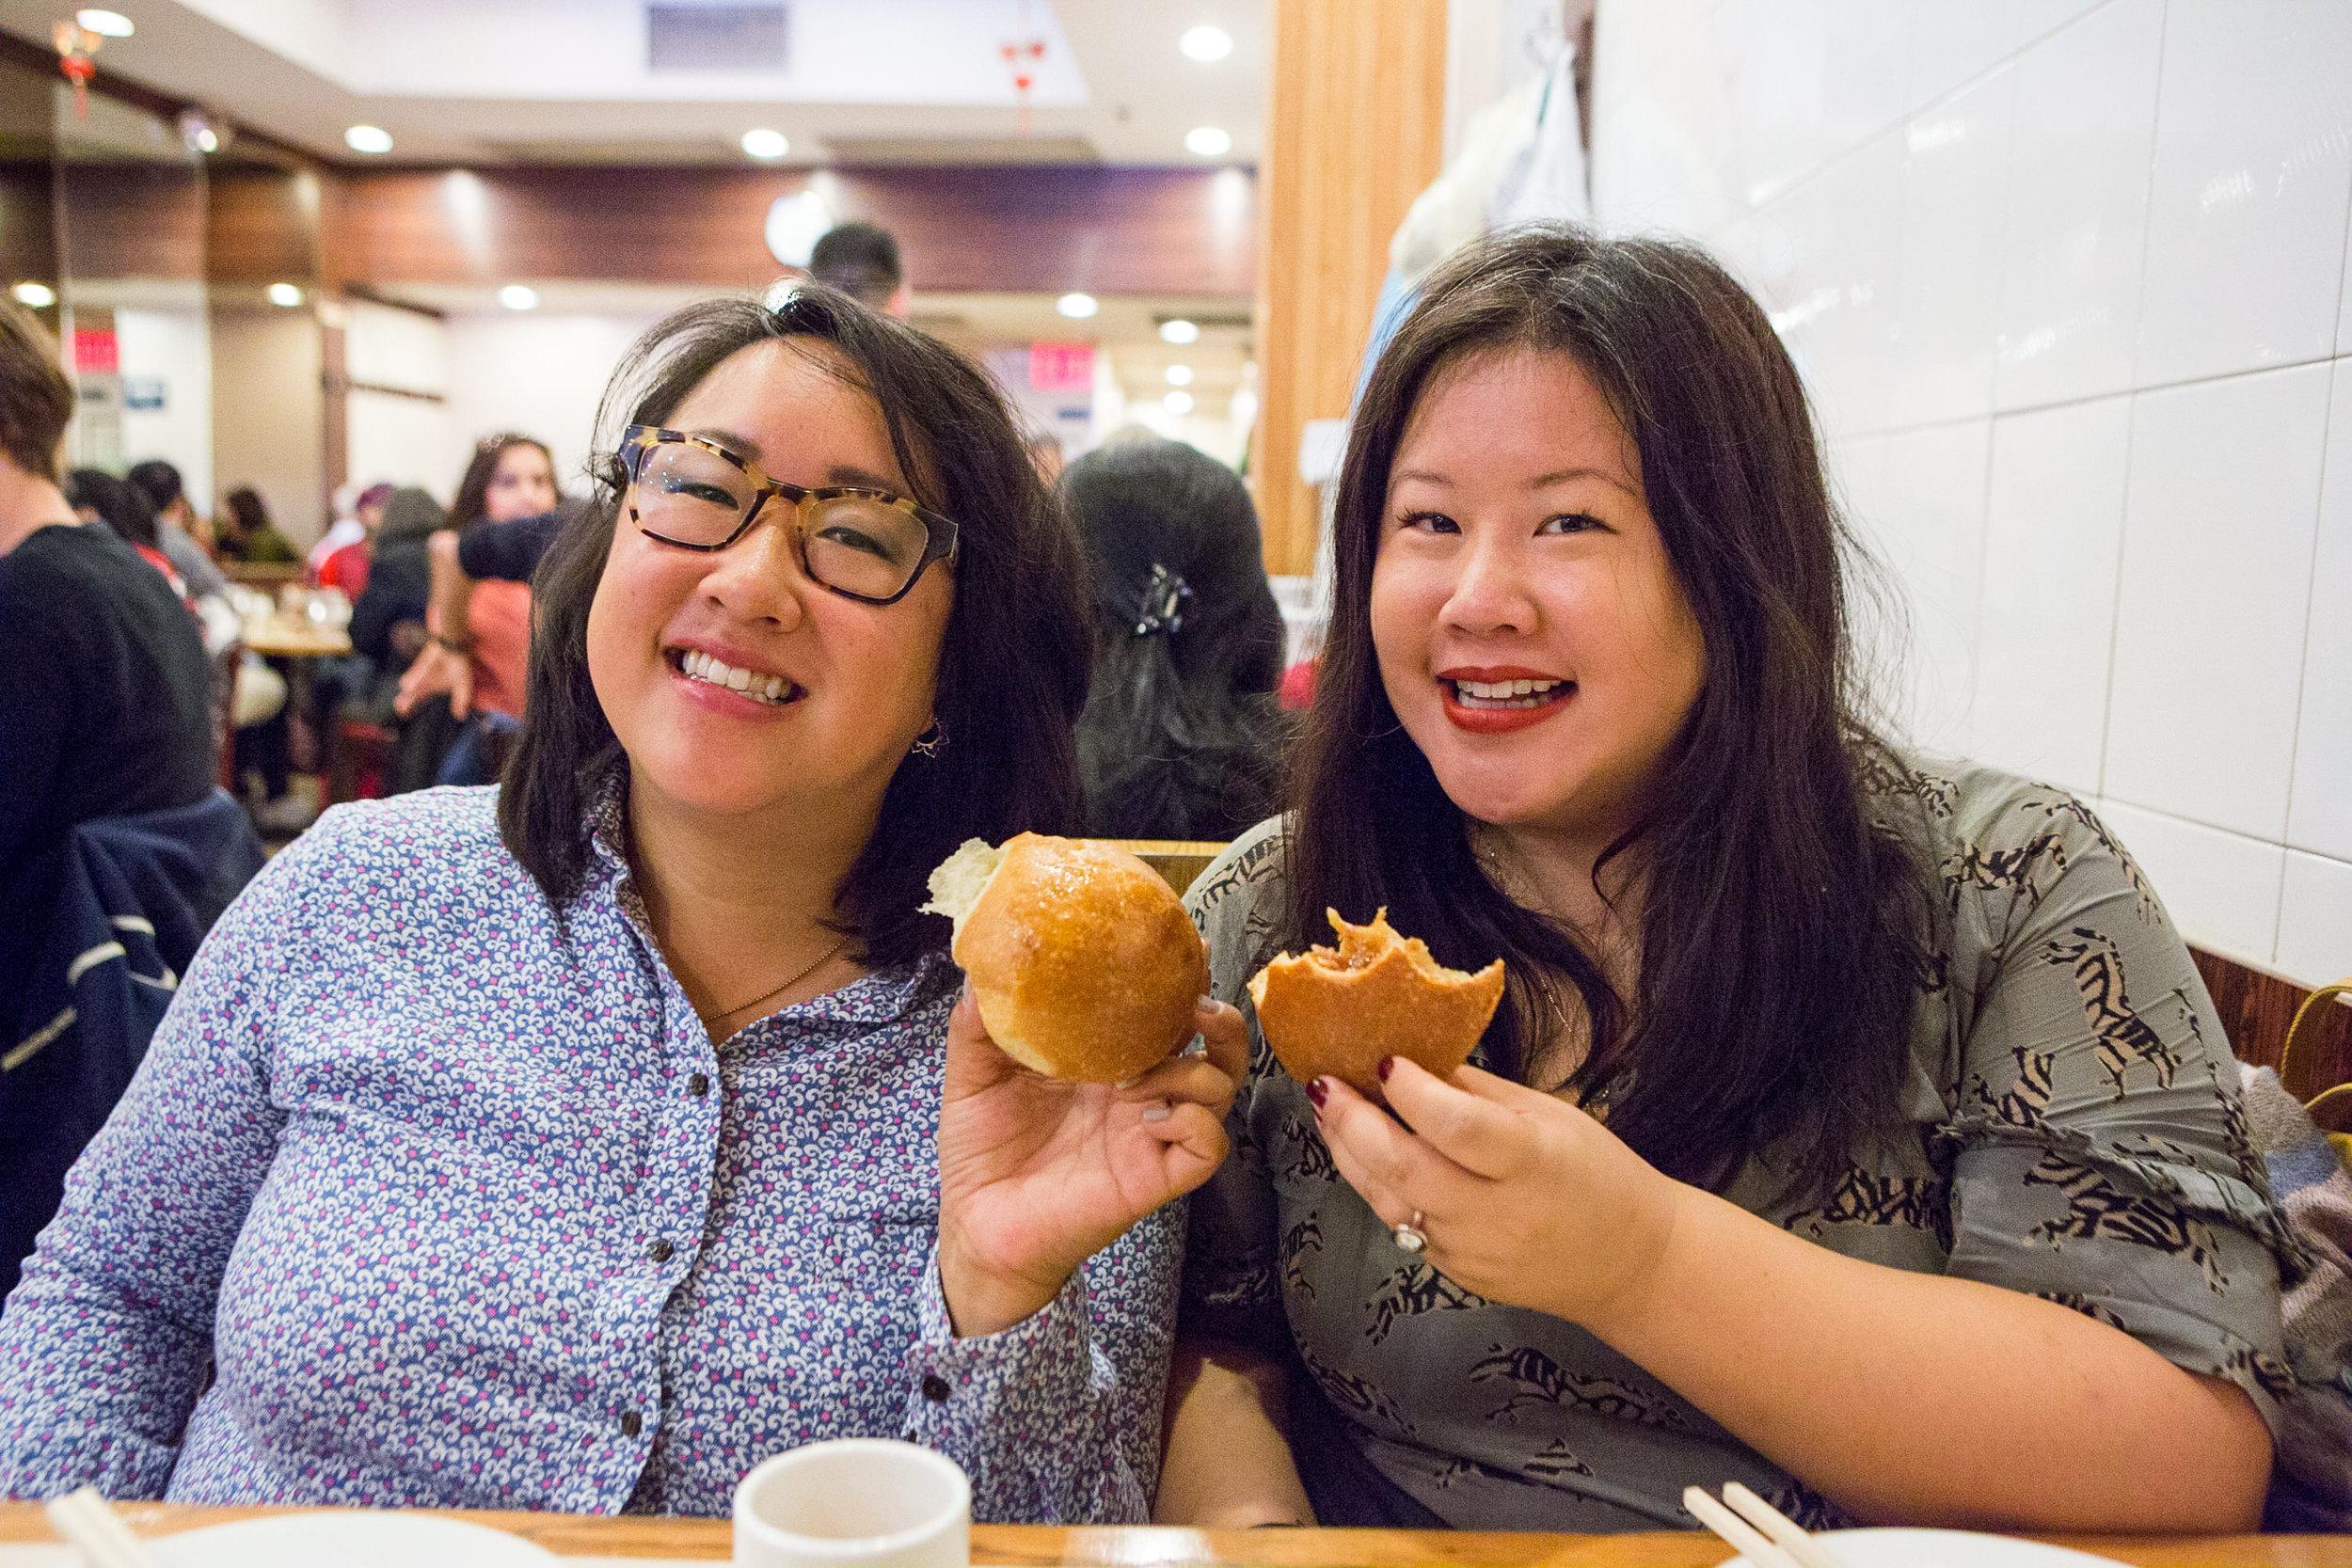 Las Hermanas Wang at Hop Shing in Chinatown, NYC